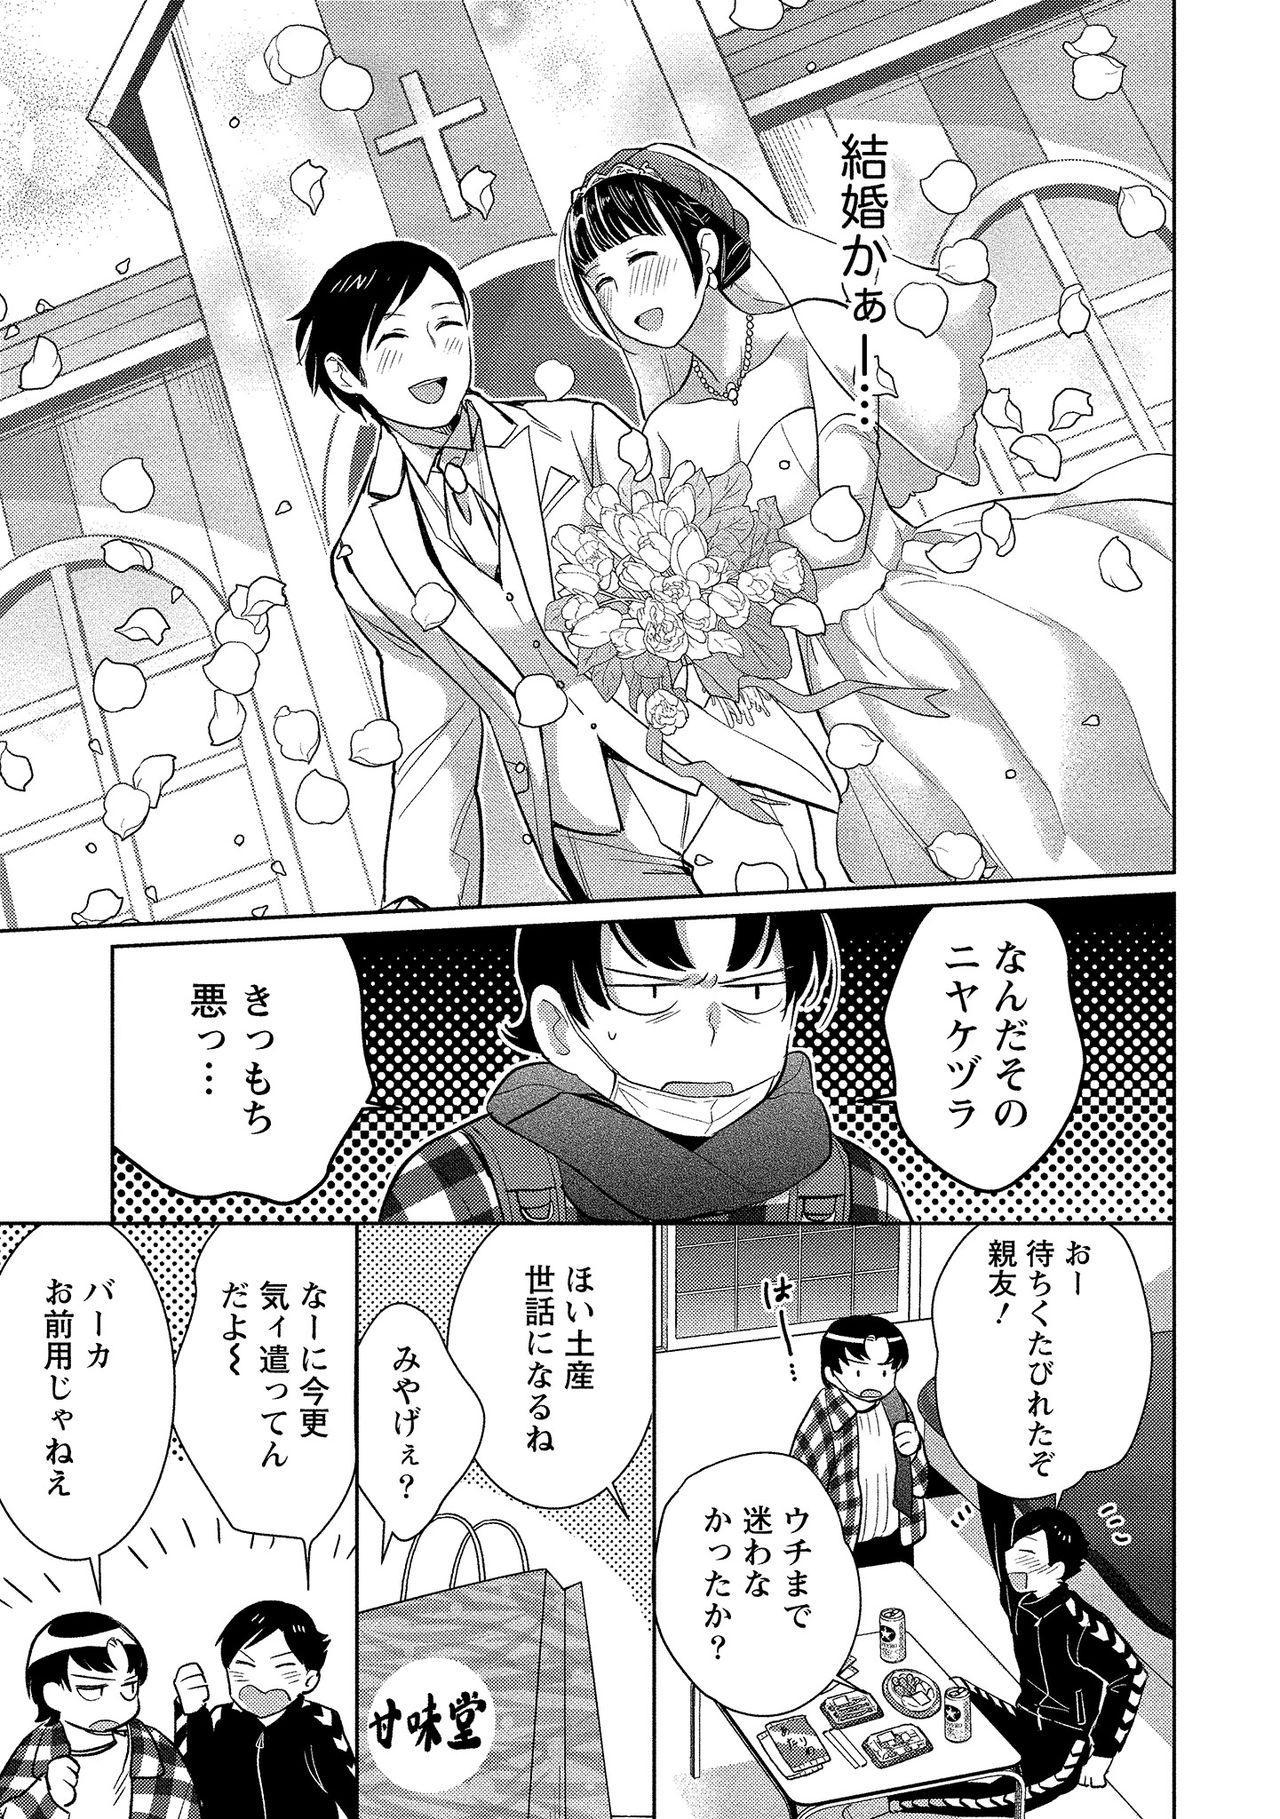 Dorobou Neko wa Kanojo no Hajimari 139